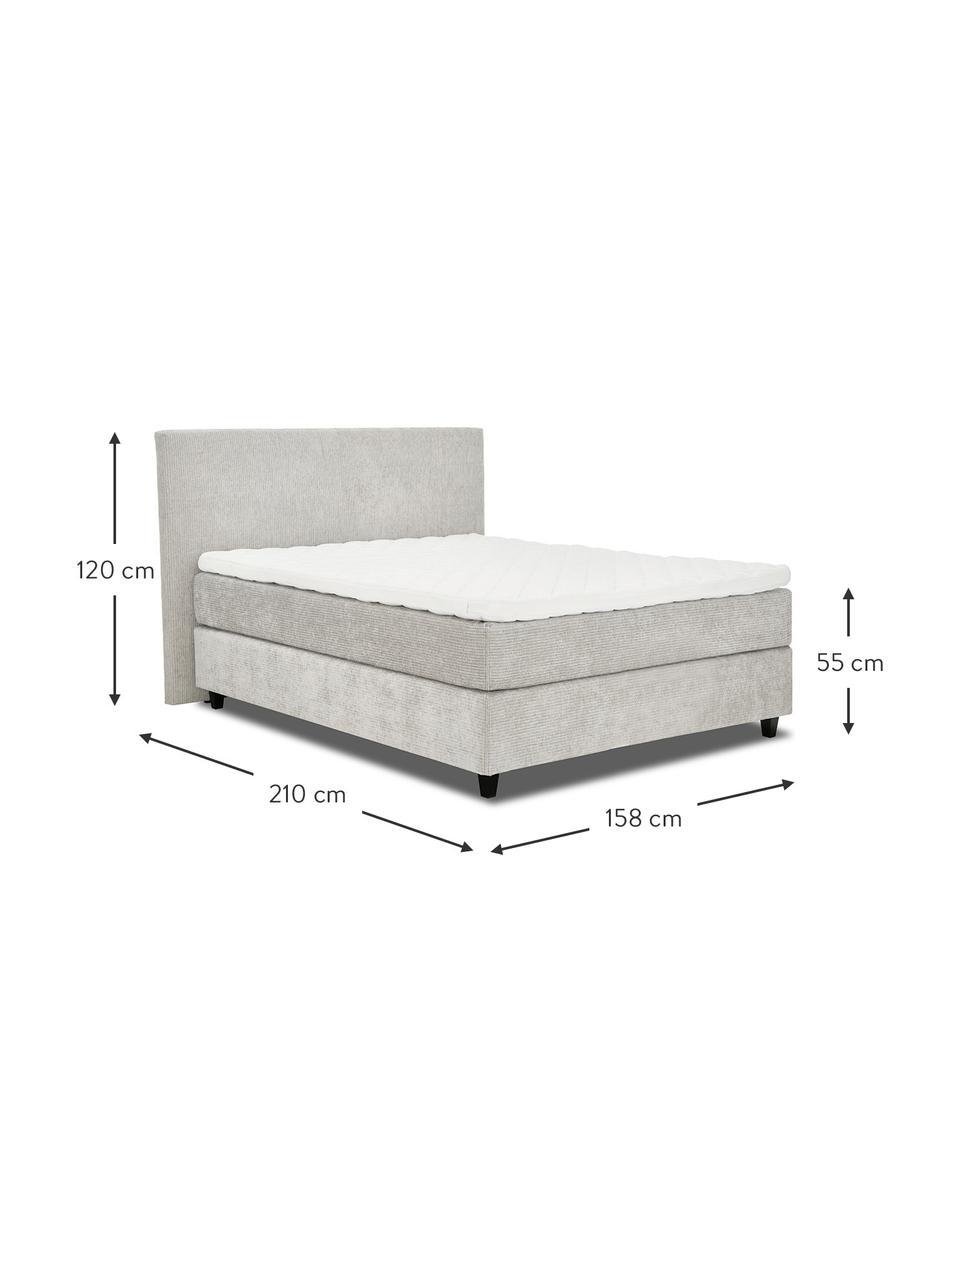 Łóżko kontynentalne premium ze sztruksu Eliza, Nogi: lite drewno brzozowe, lak, Sztruksowy jasny szary, S 200 x D 200 cm